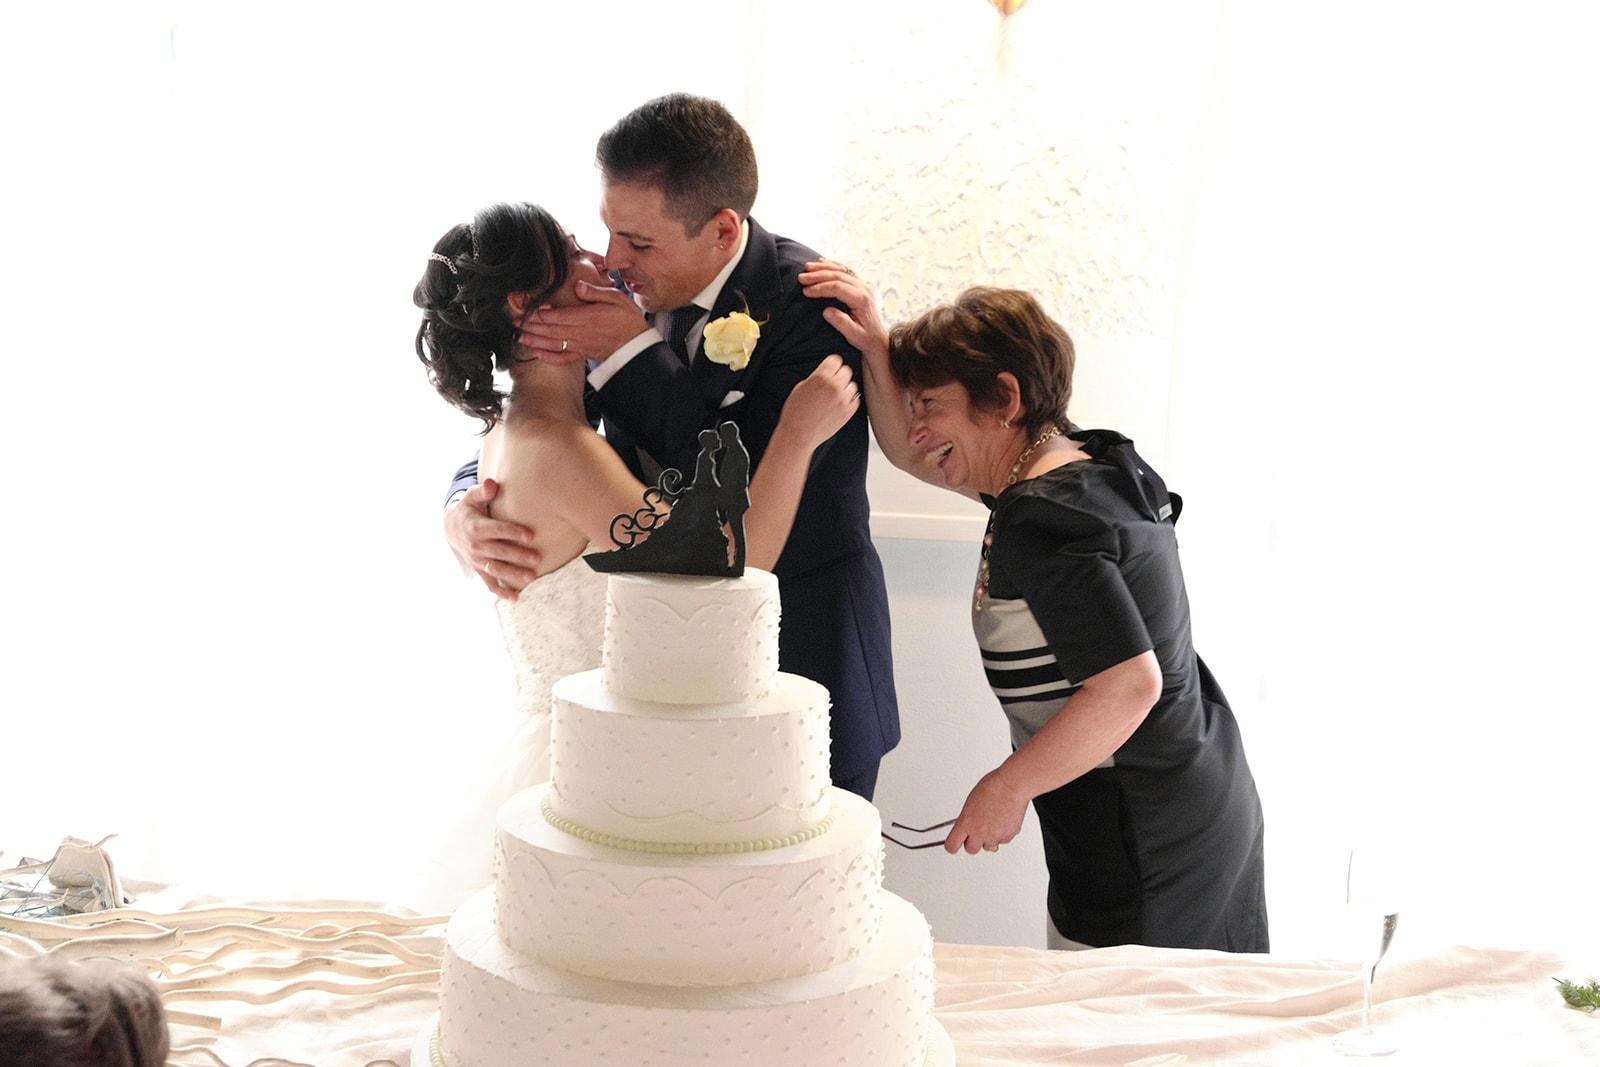 fotografo_di_matrimonio_reportage_reggio_calabria_mallamaci_carmelo_e_gabriella